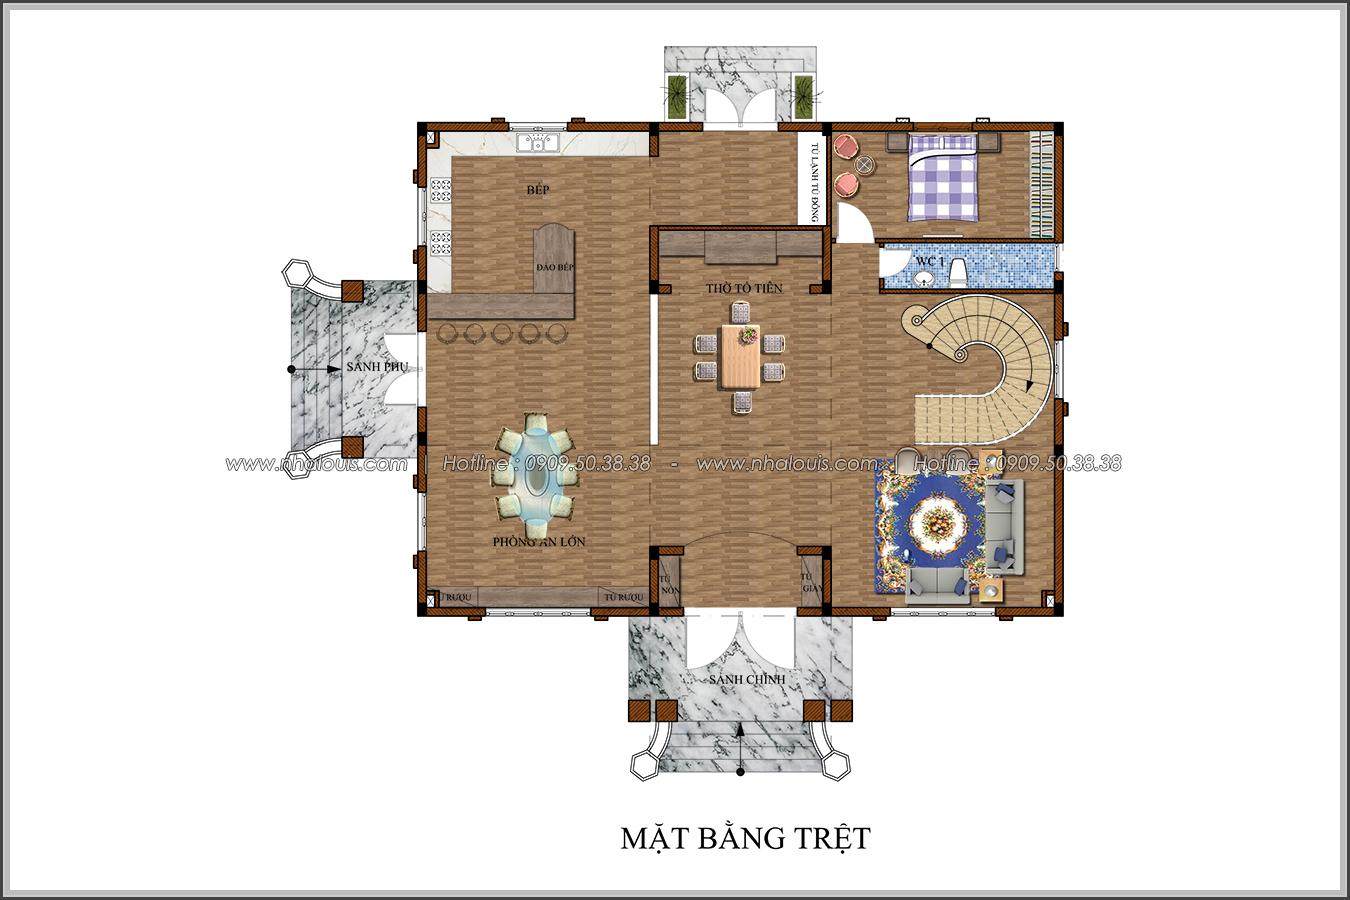 Biệt thự 3 tầng kiểu Pháp hoành tráng tại Biên Hòa đầy mê hoặc - 05